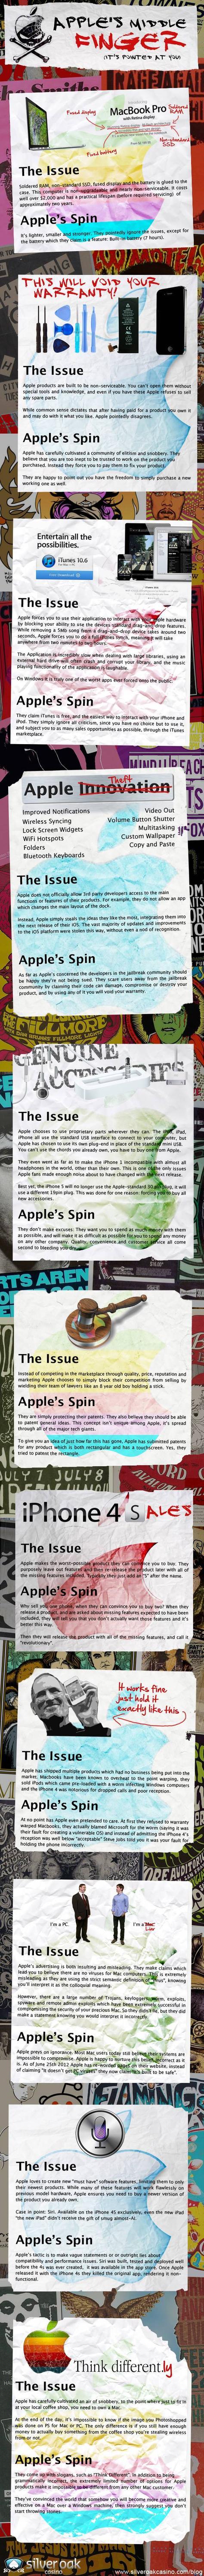 apple.jpg (693 KB)